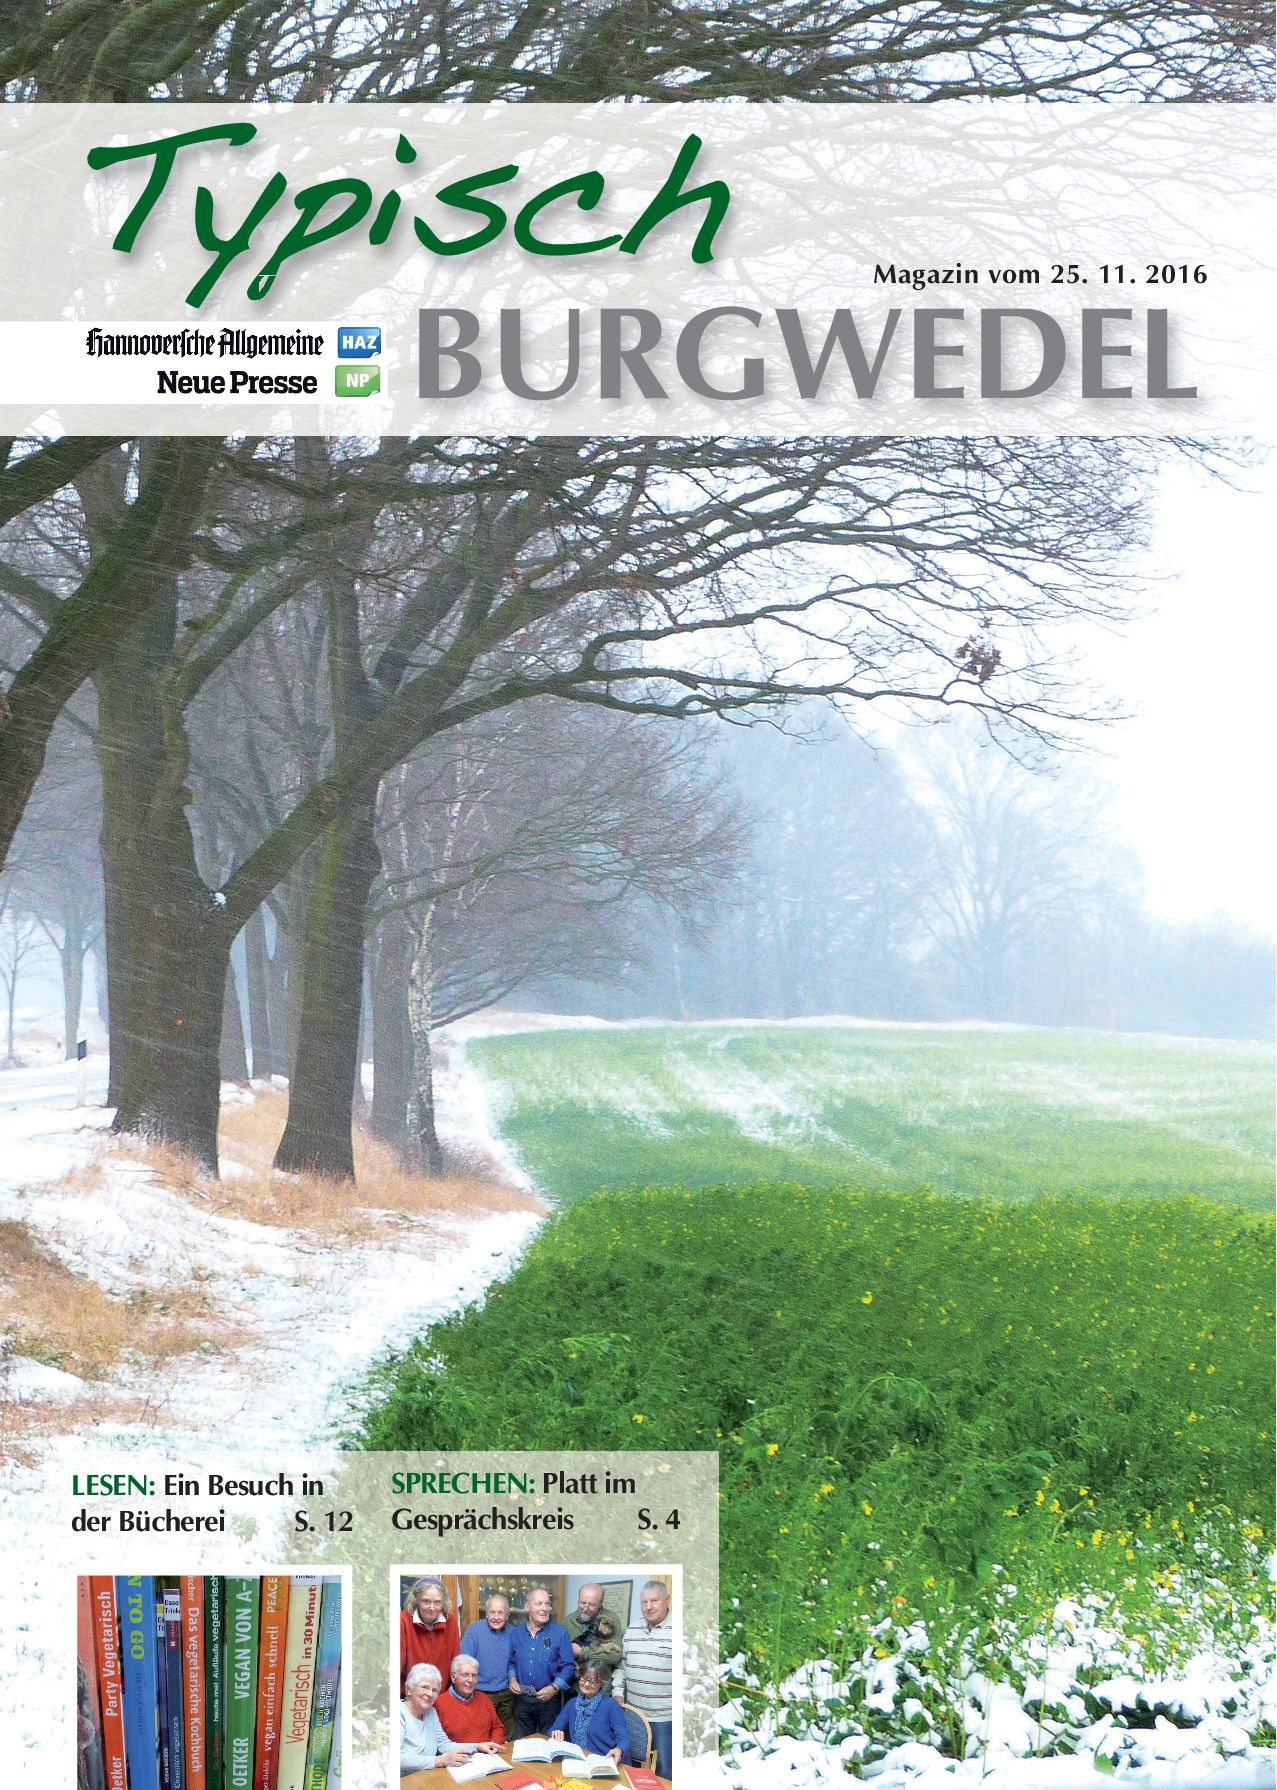 burgwedel-nr-6-vom-25-11-2016